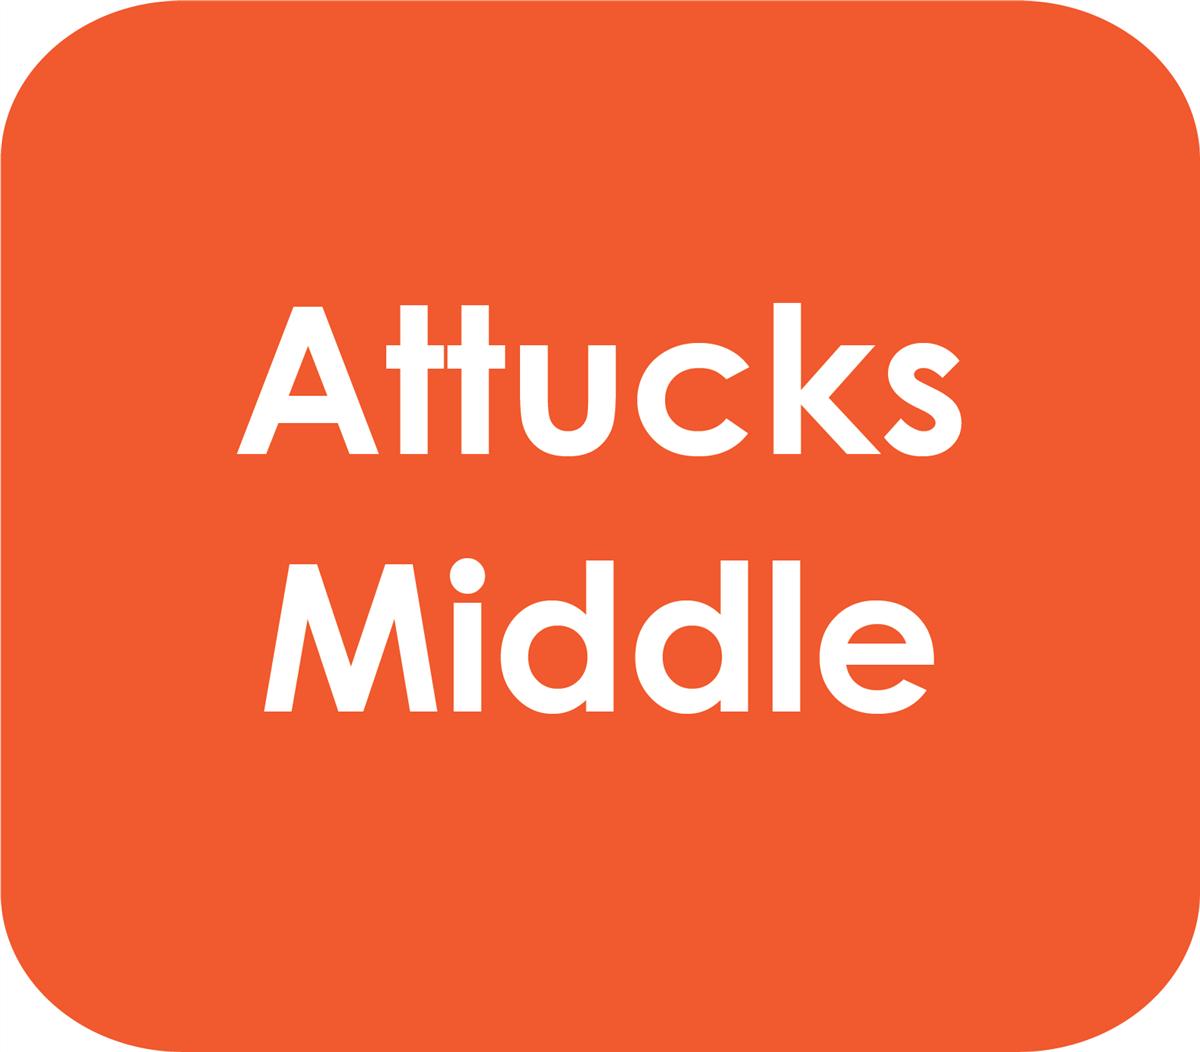 Attucks Middle